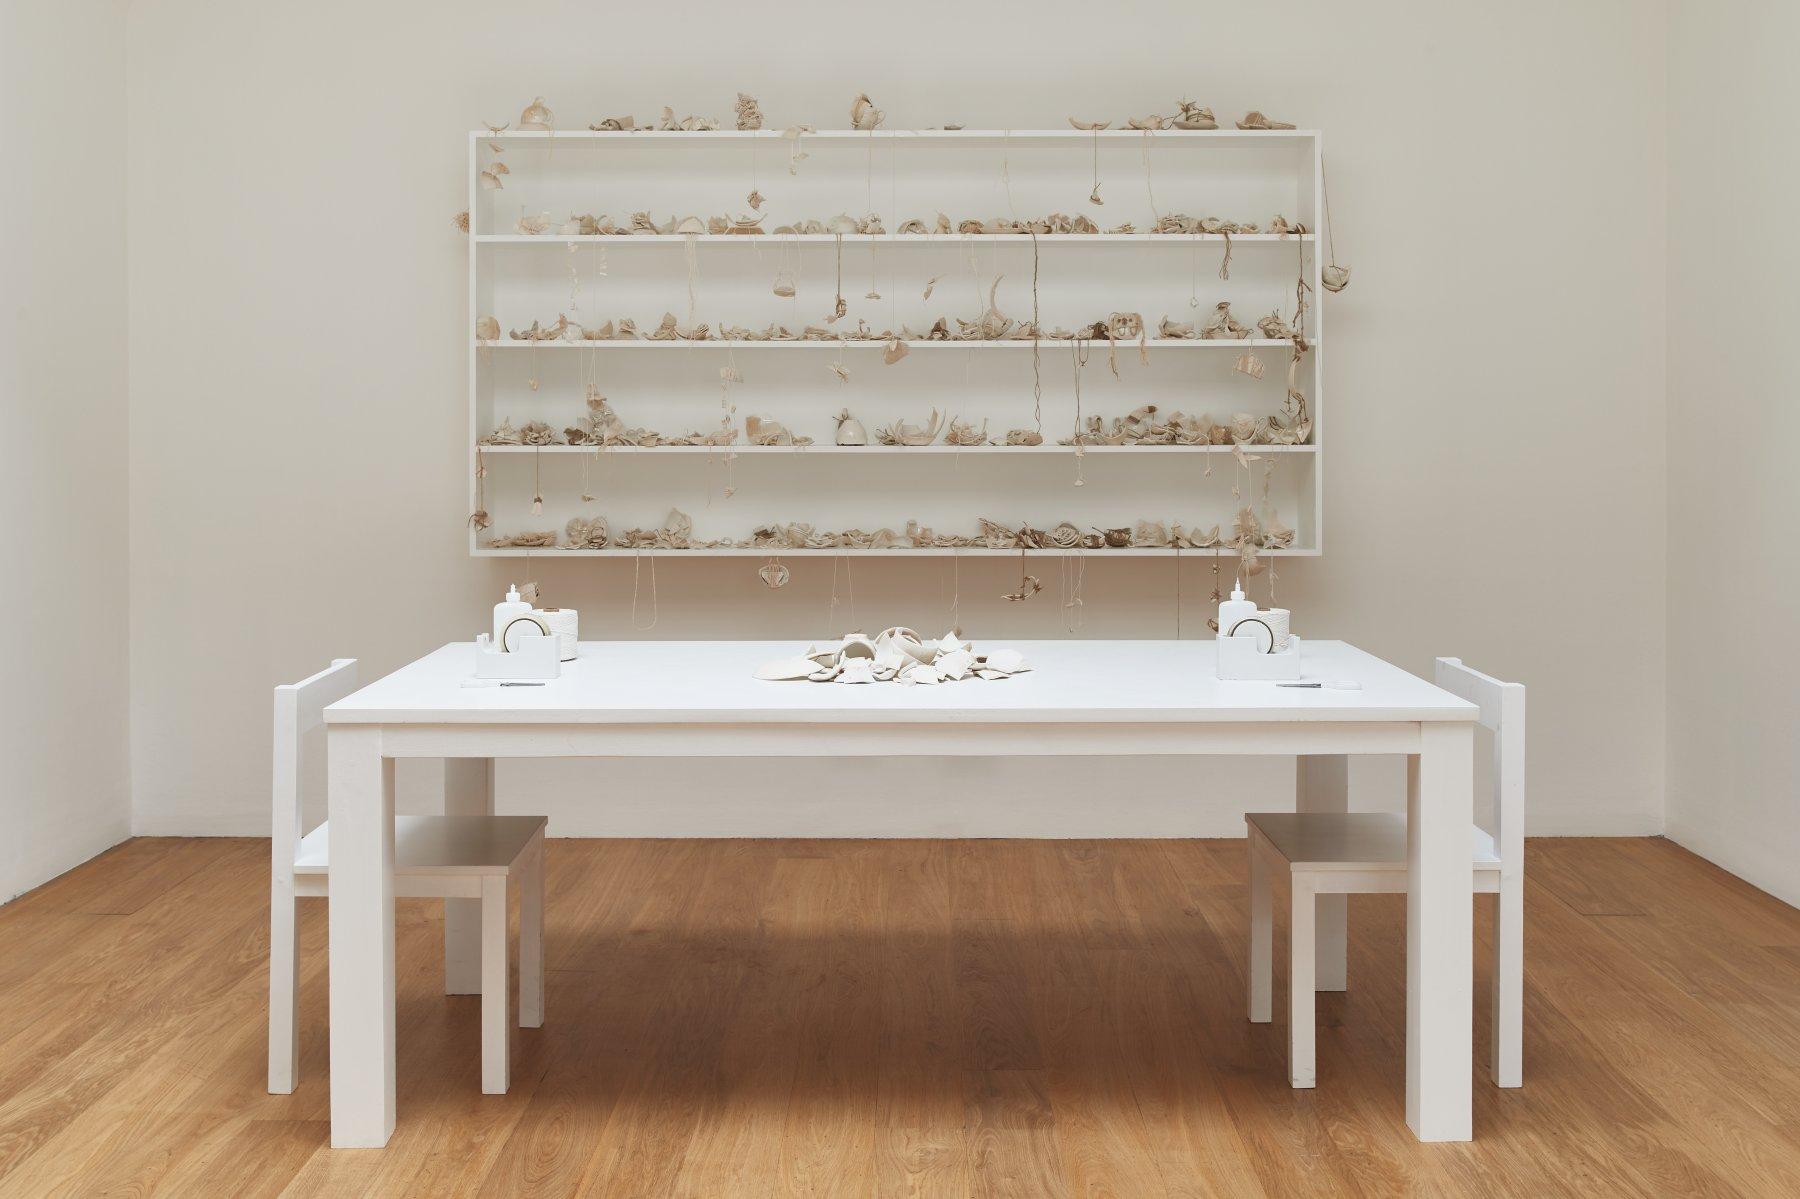 Whitechapel Gallery Yoko Ono 1